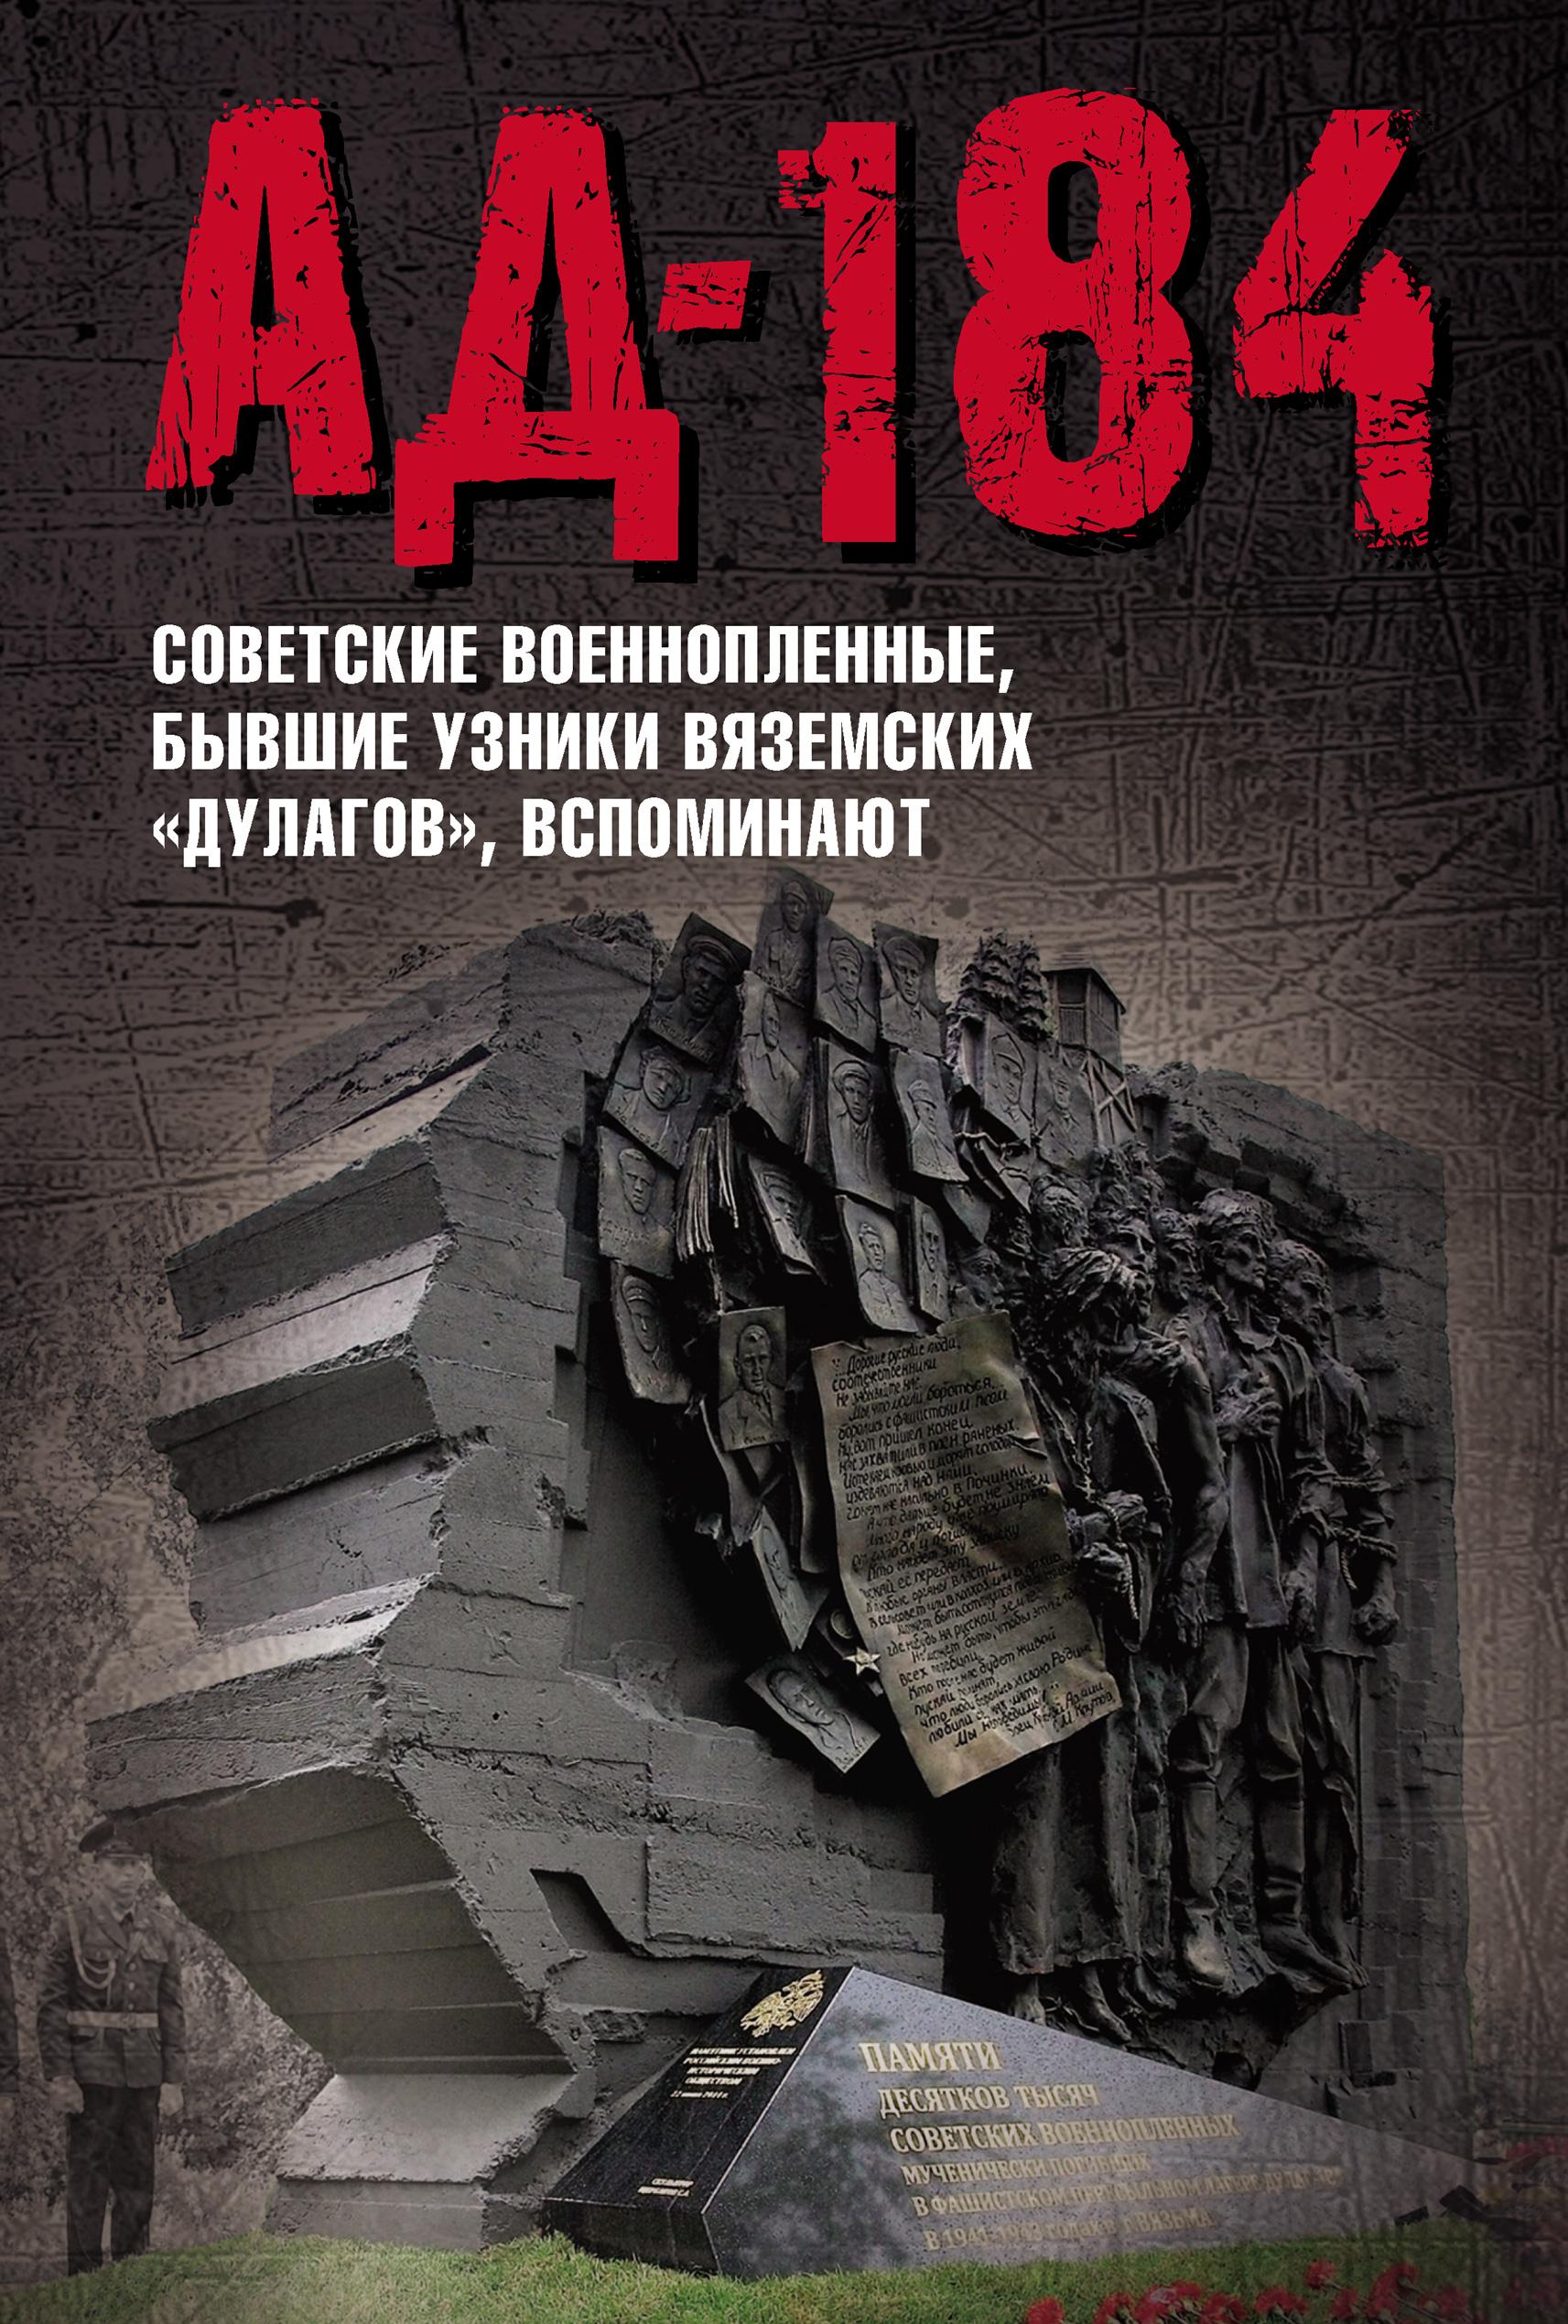 Коллектив авторов, Евгения Иванова «Ад-184. Советские военнопленные, бывшие узники вяземских «дулагов», вспоминают»